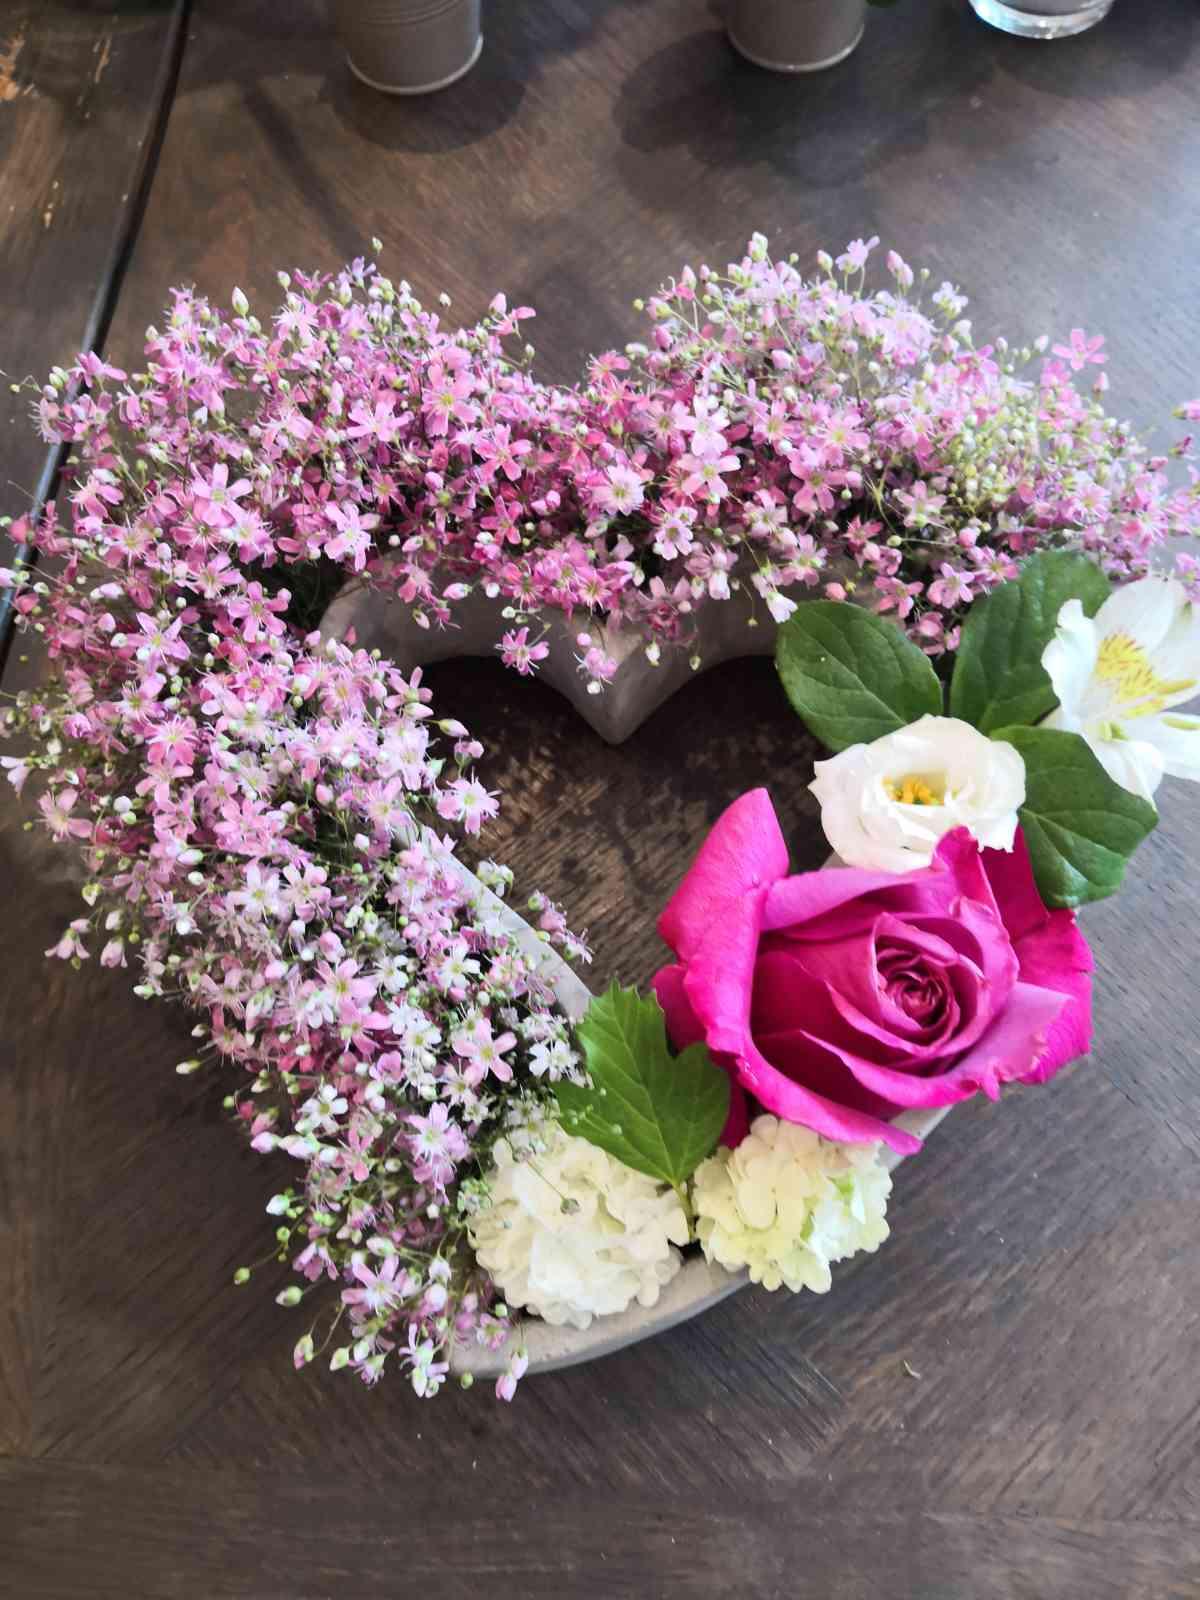 125 Décoration florale pour des évènements (mariage, anniversaire, etc.) | Aux Quatre Saisons à Boissy-Saint-Léger